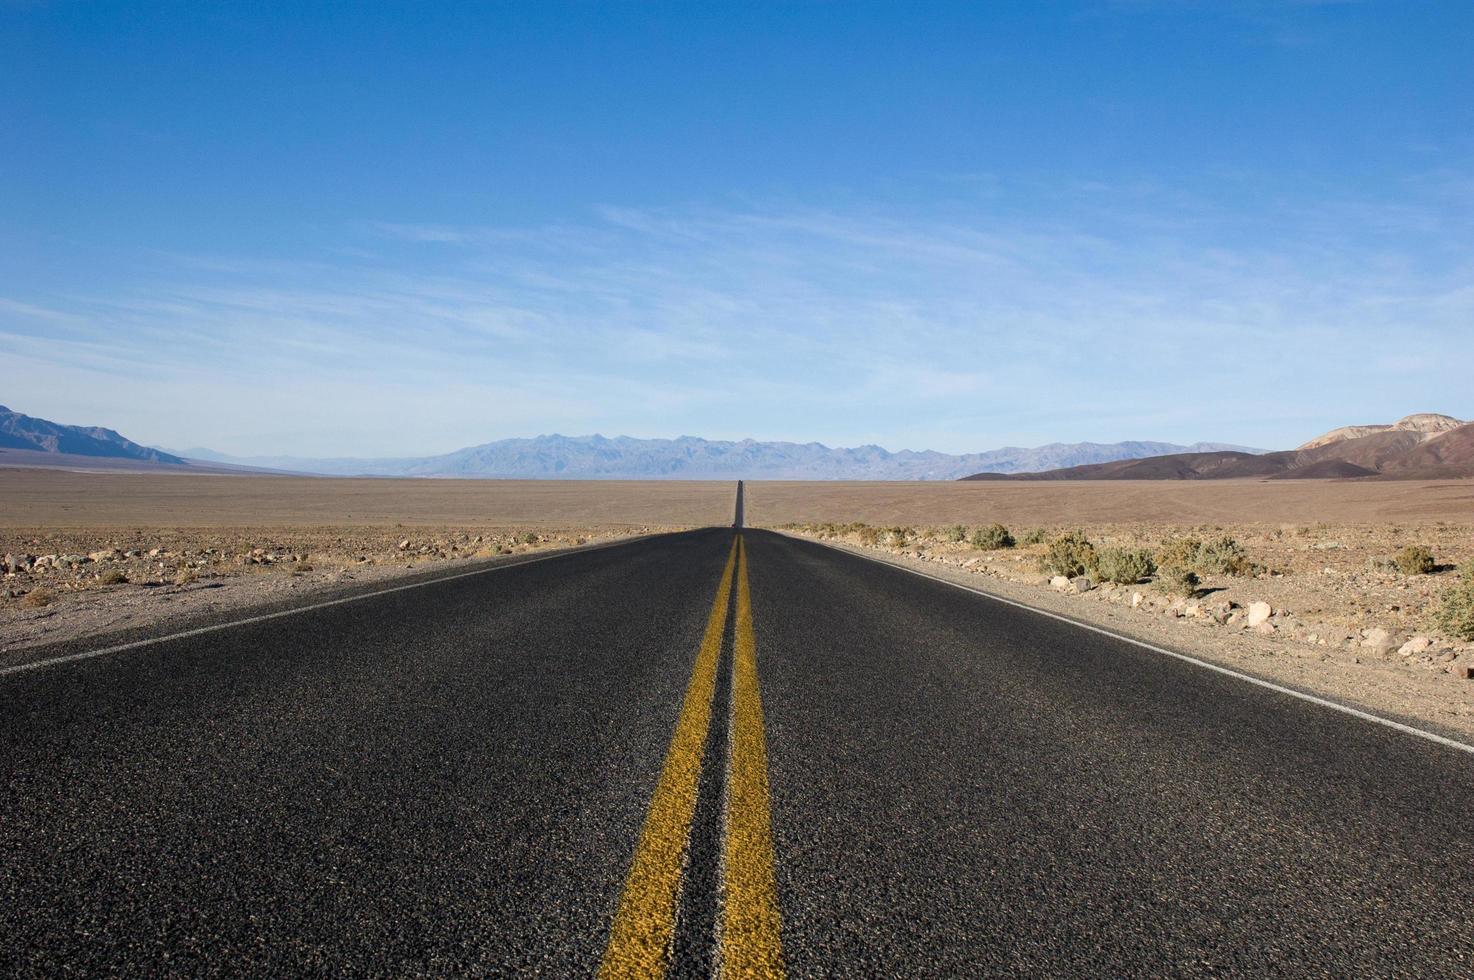 vägen framför foto